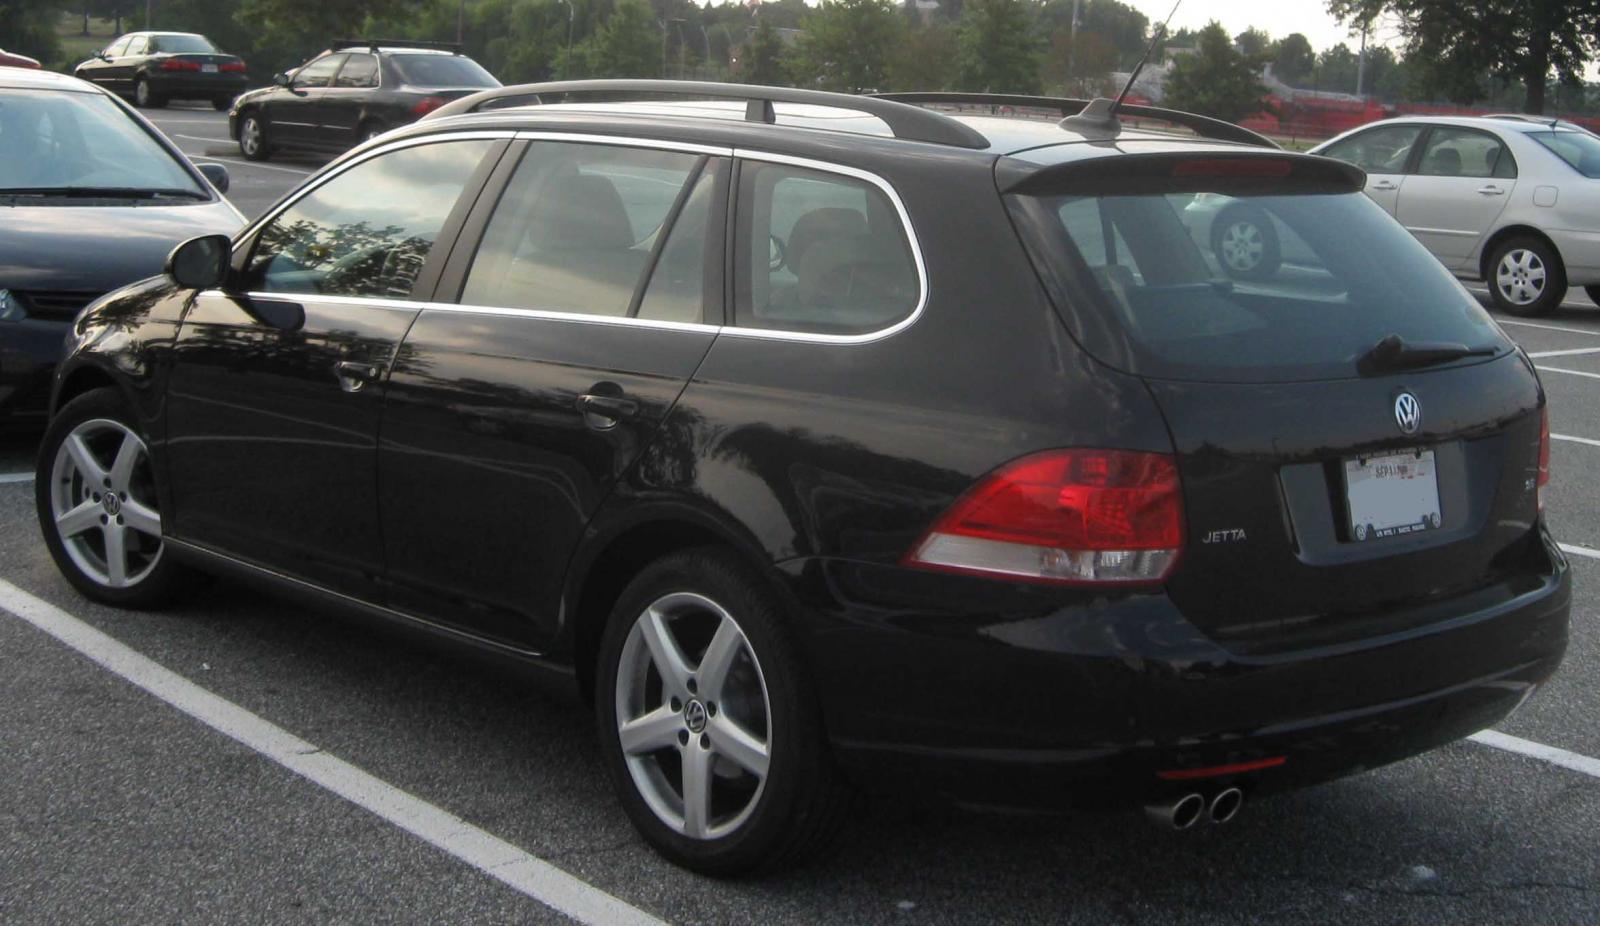 2011 Volkswagen Jetta SportWagen  Information and photos